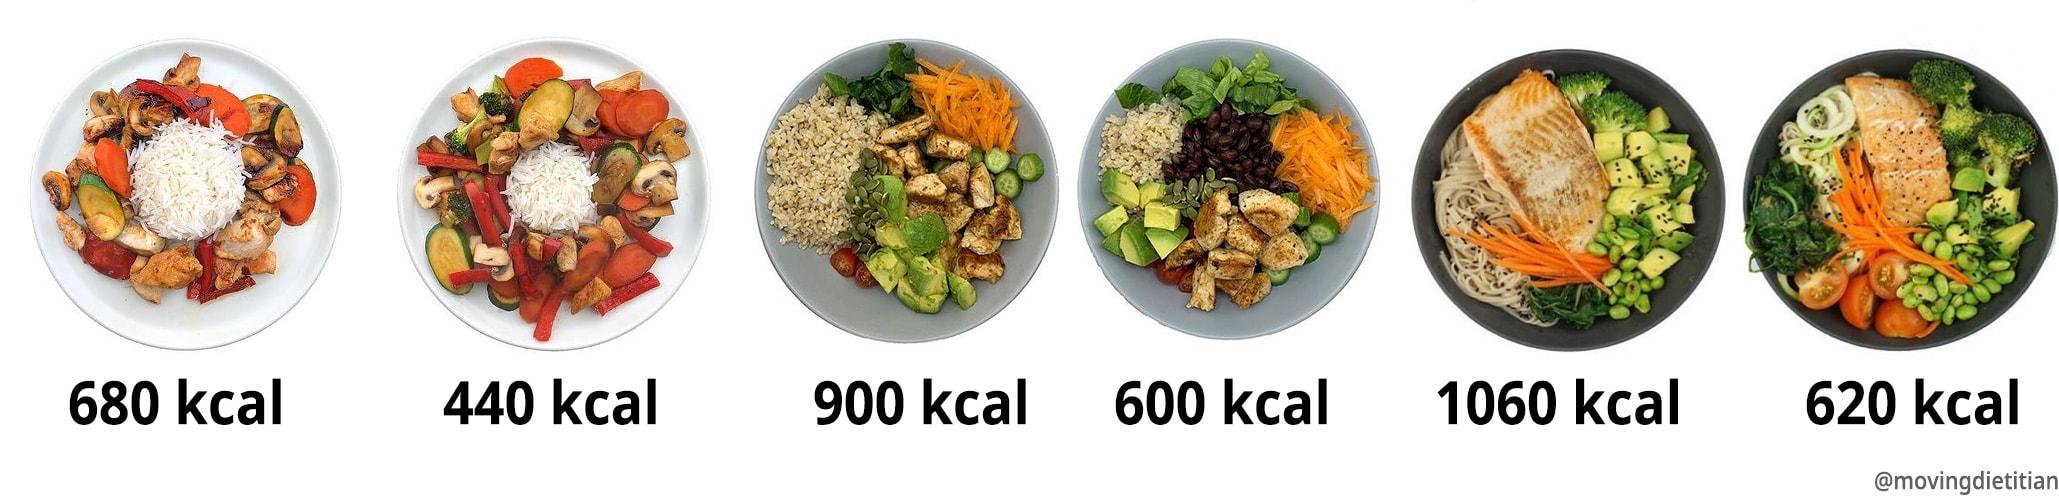 primerjava kalorij v obrokih